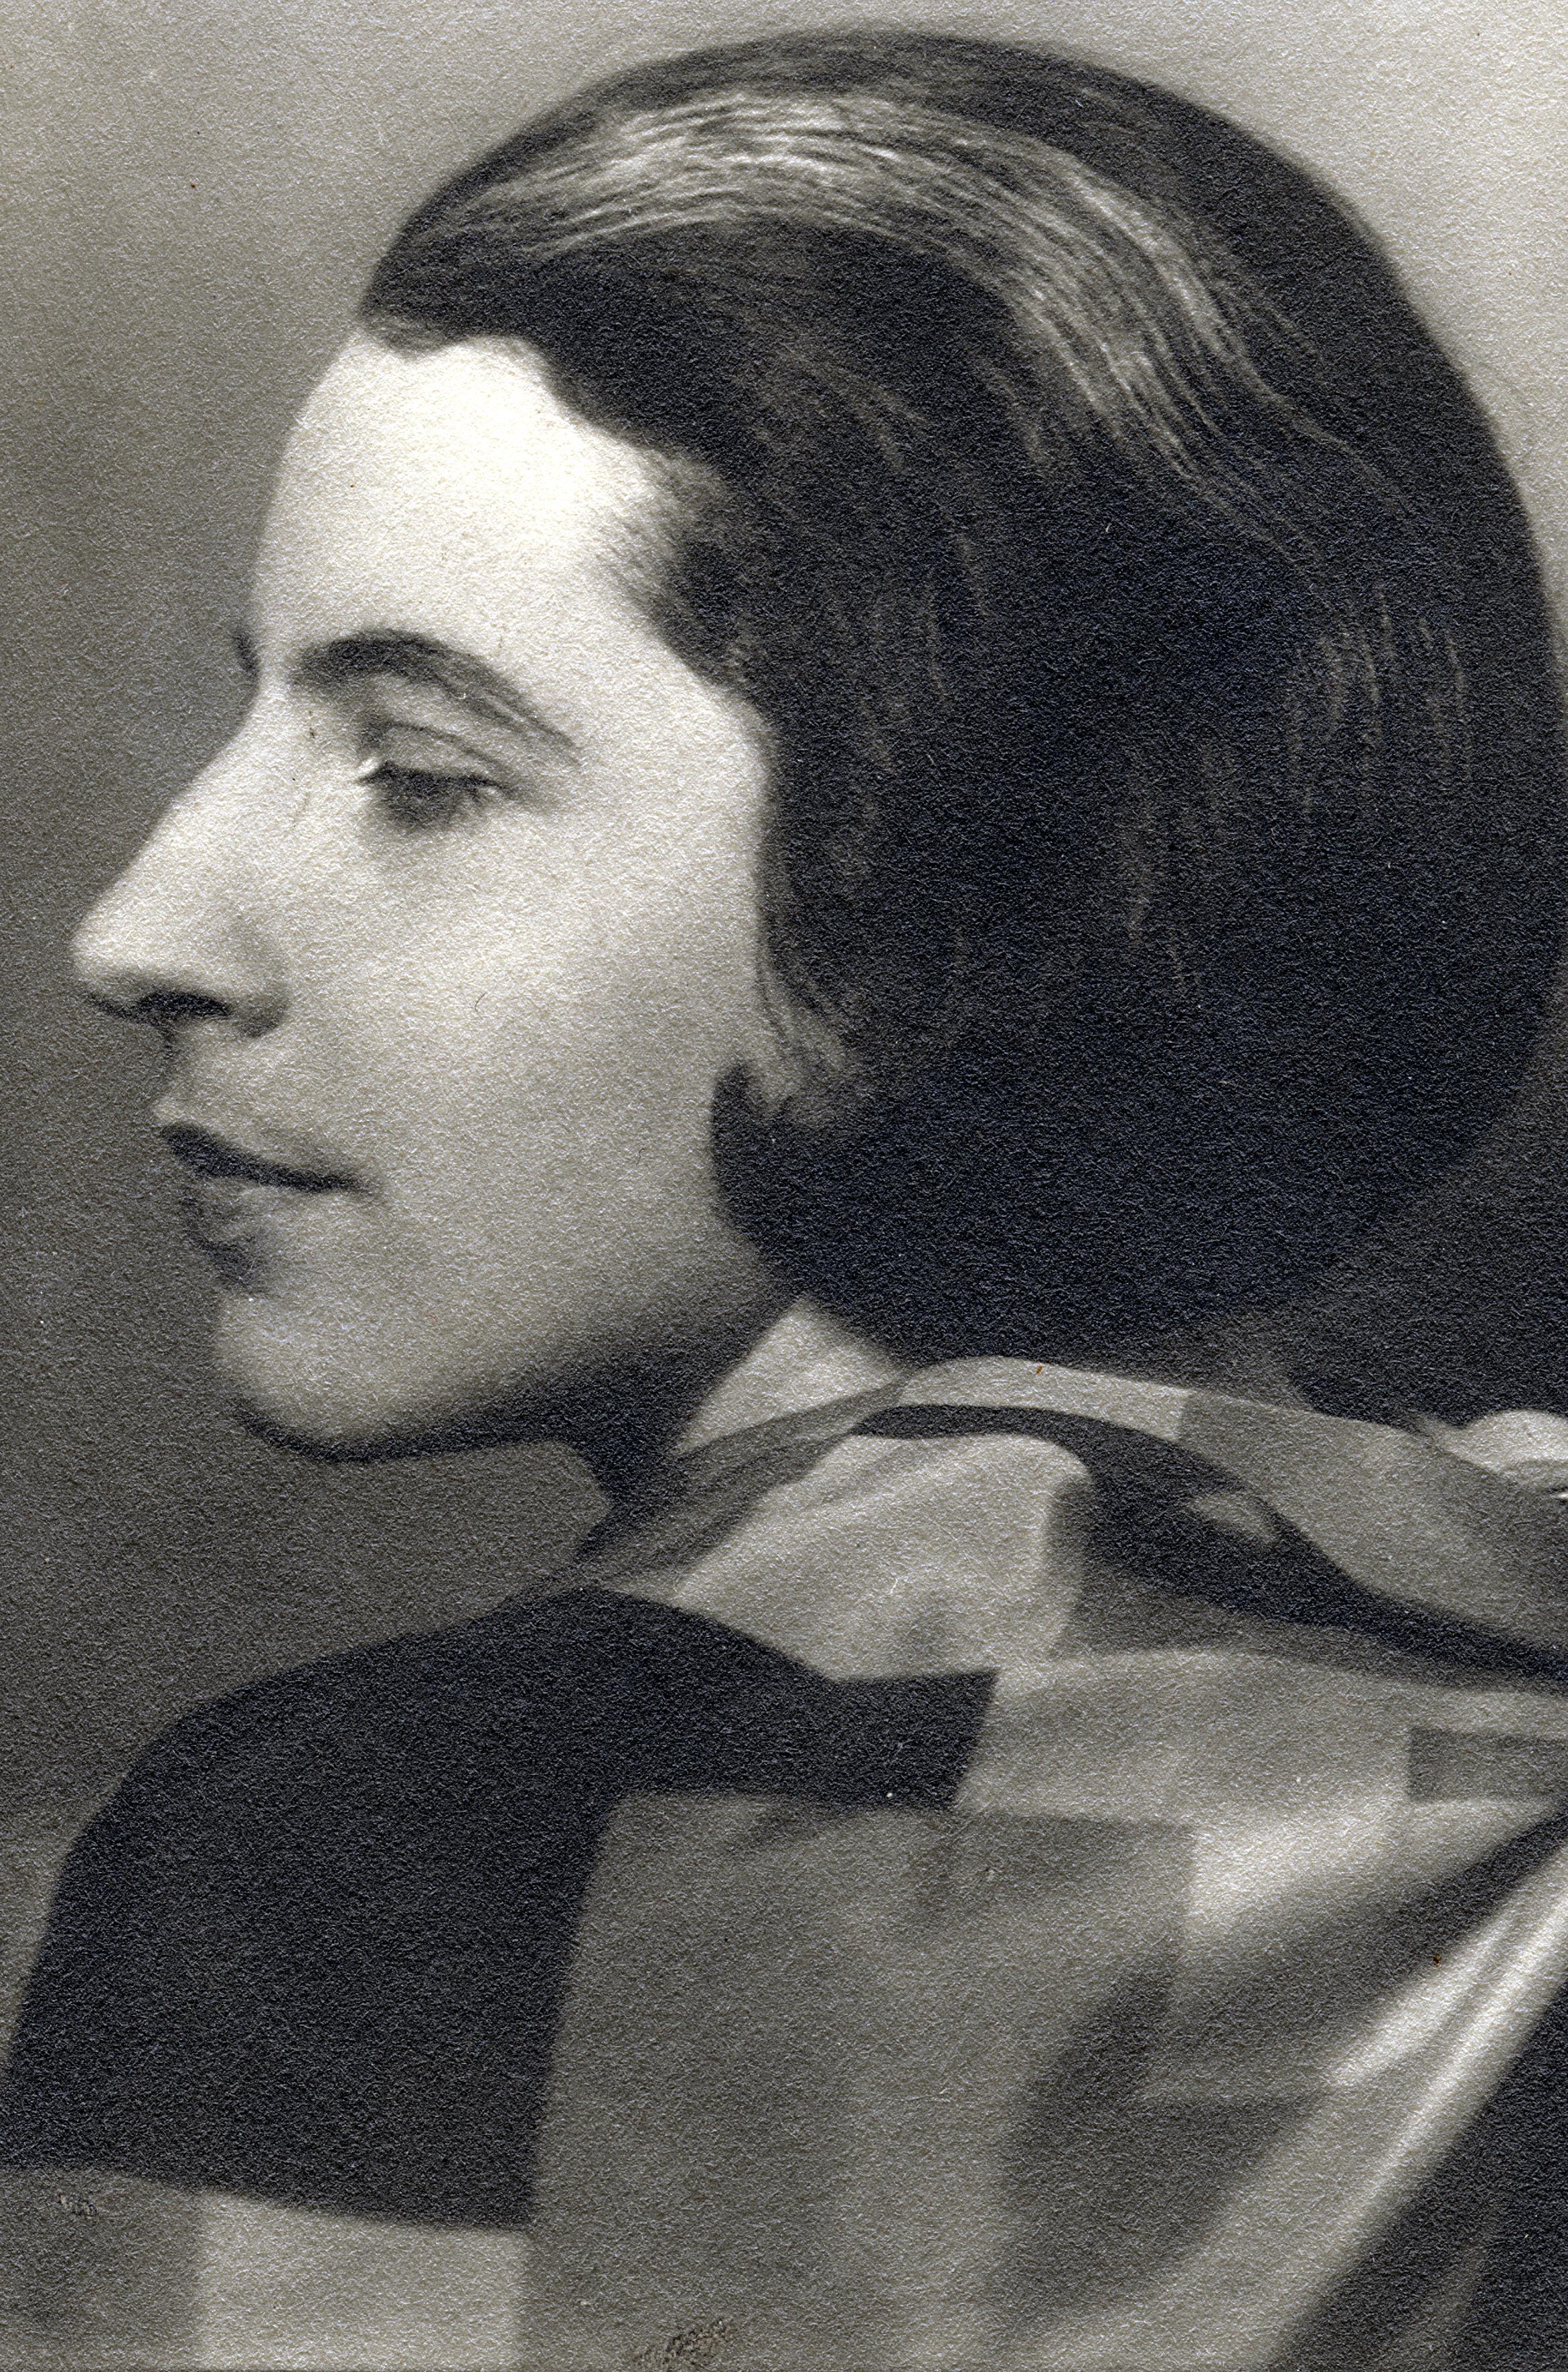 Gertrud Lisbeth Wachsmuth